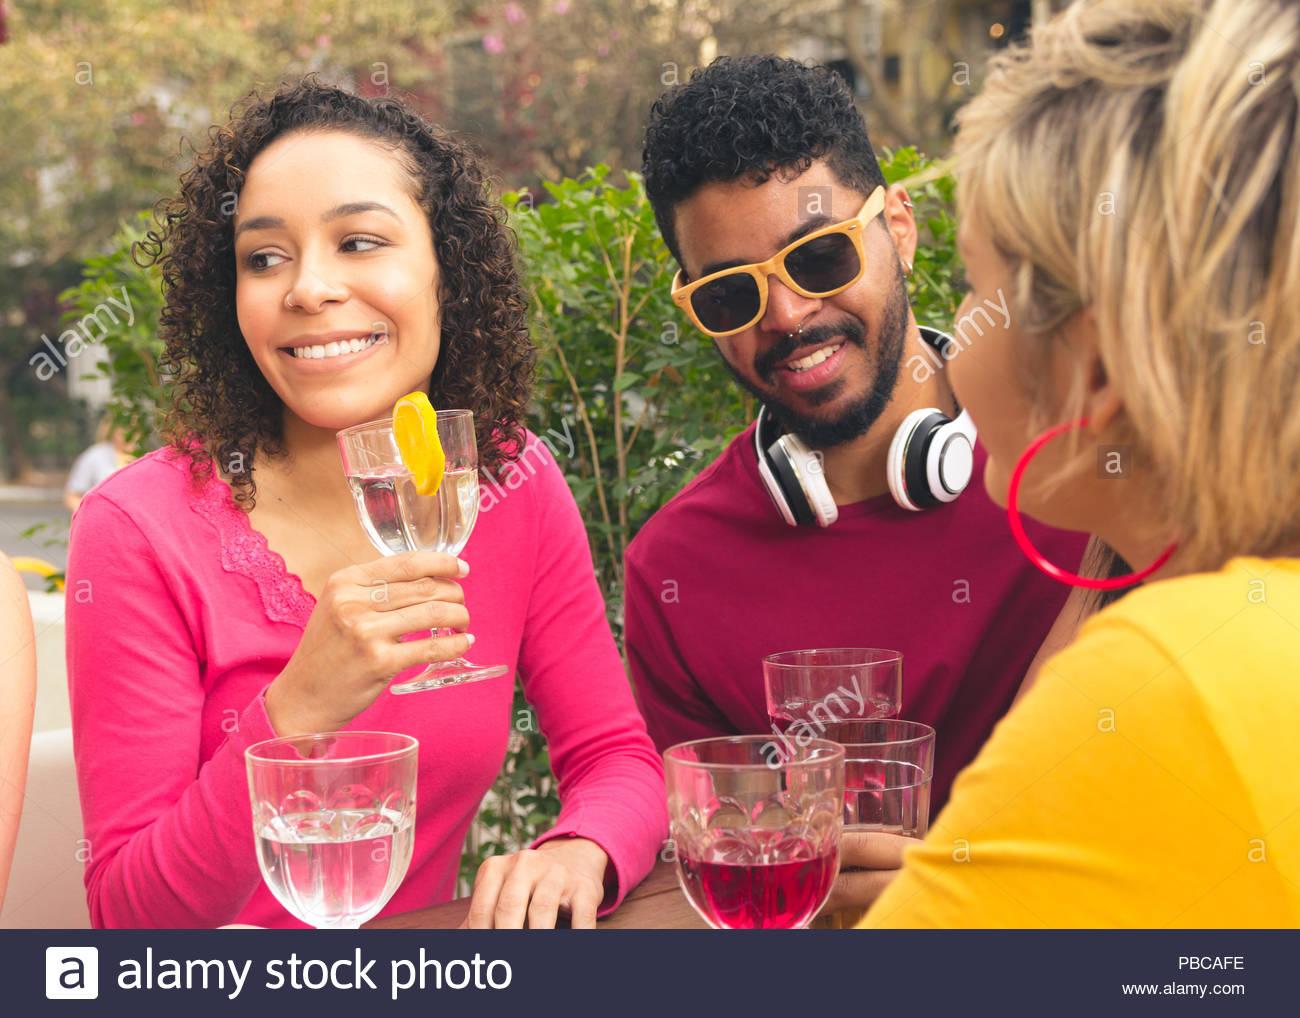 Grupo multirracial de estudiantes teniendo un gran momento en la cafetería al aire libre. Feliz amigos socializar en un partido en el restaurante exterior. Verano caliente, frien Foto de stock